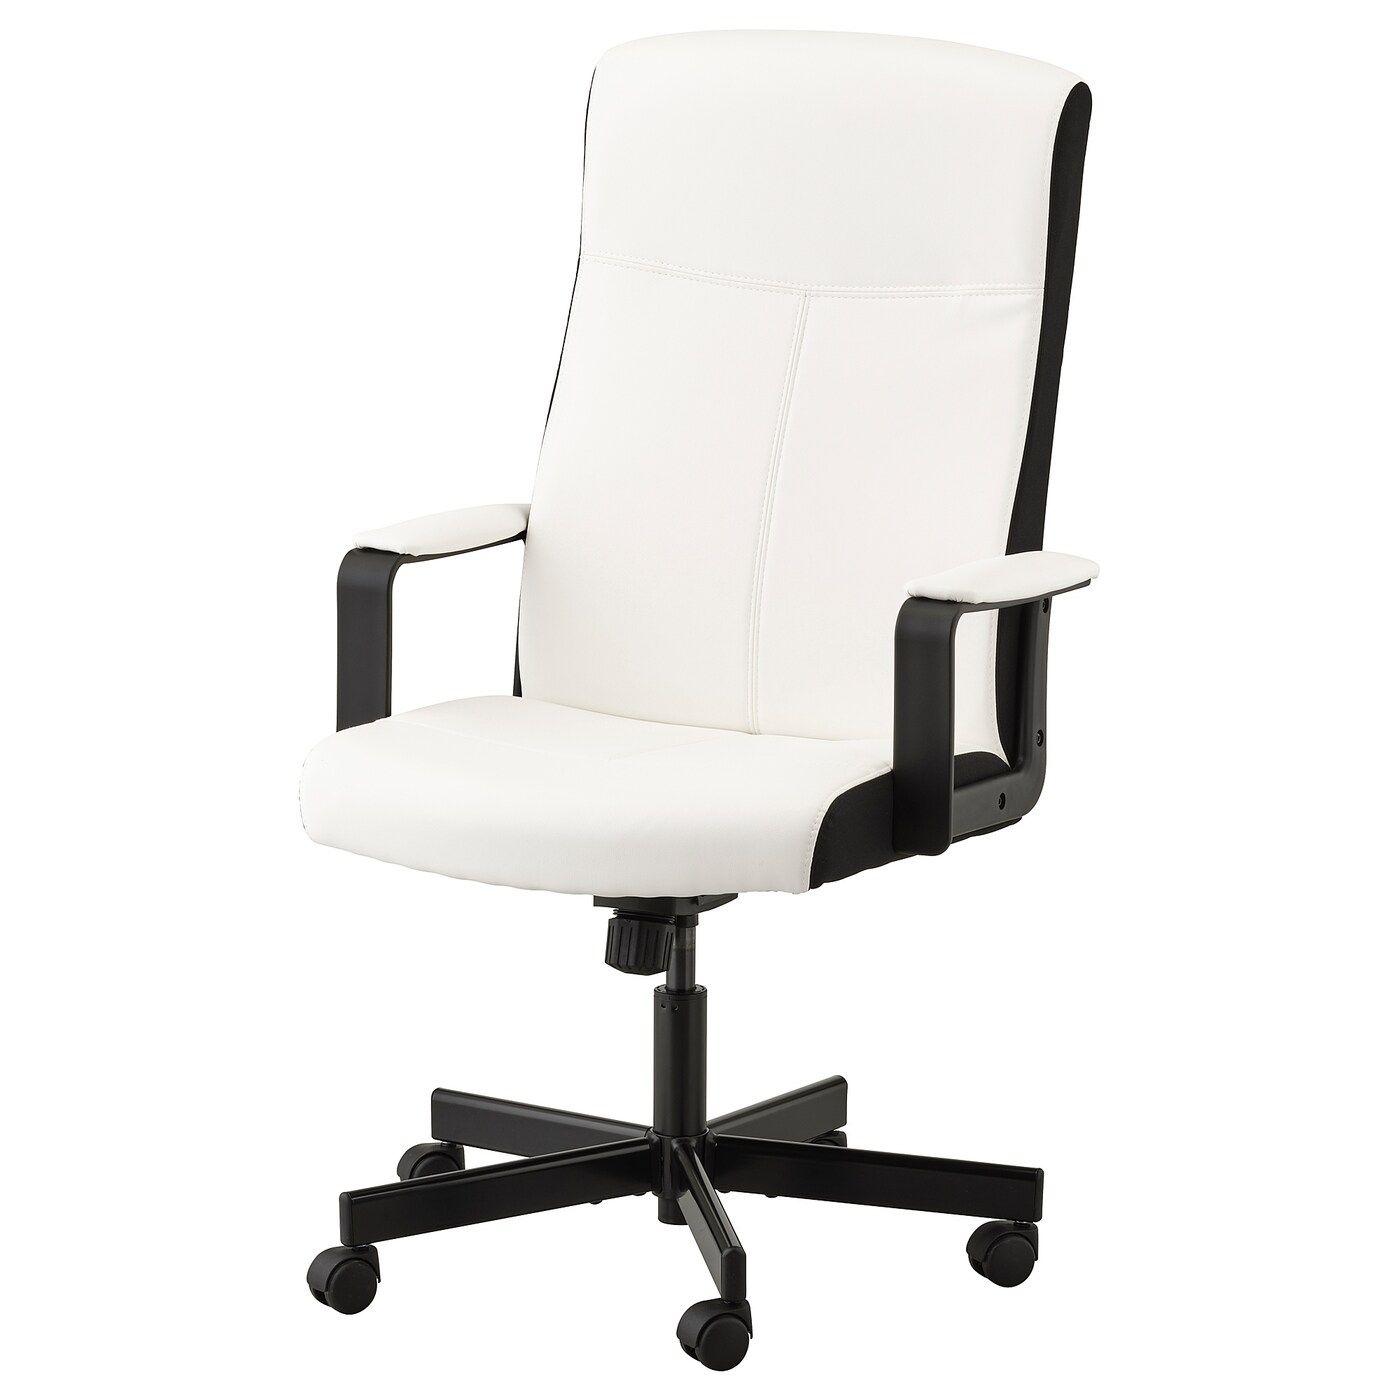 MILLBERGET Kimstad white, Swivel chair - IKEA nel 2020 ...